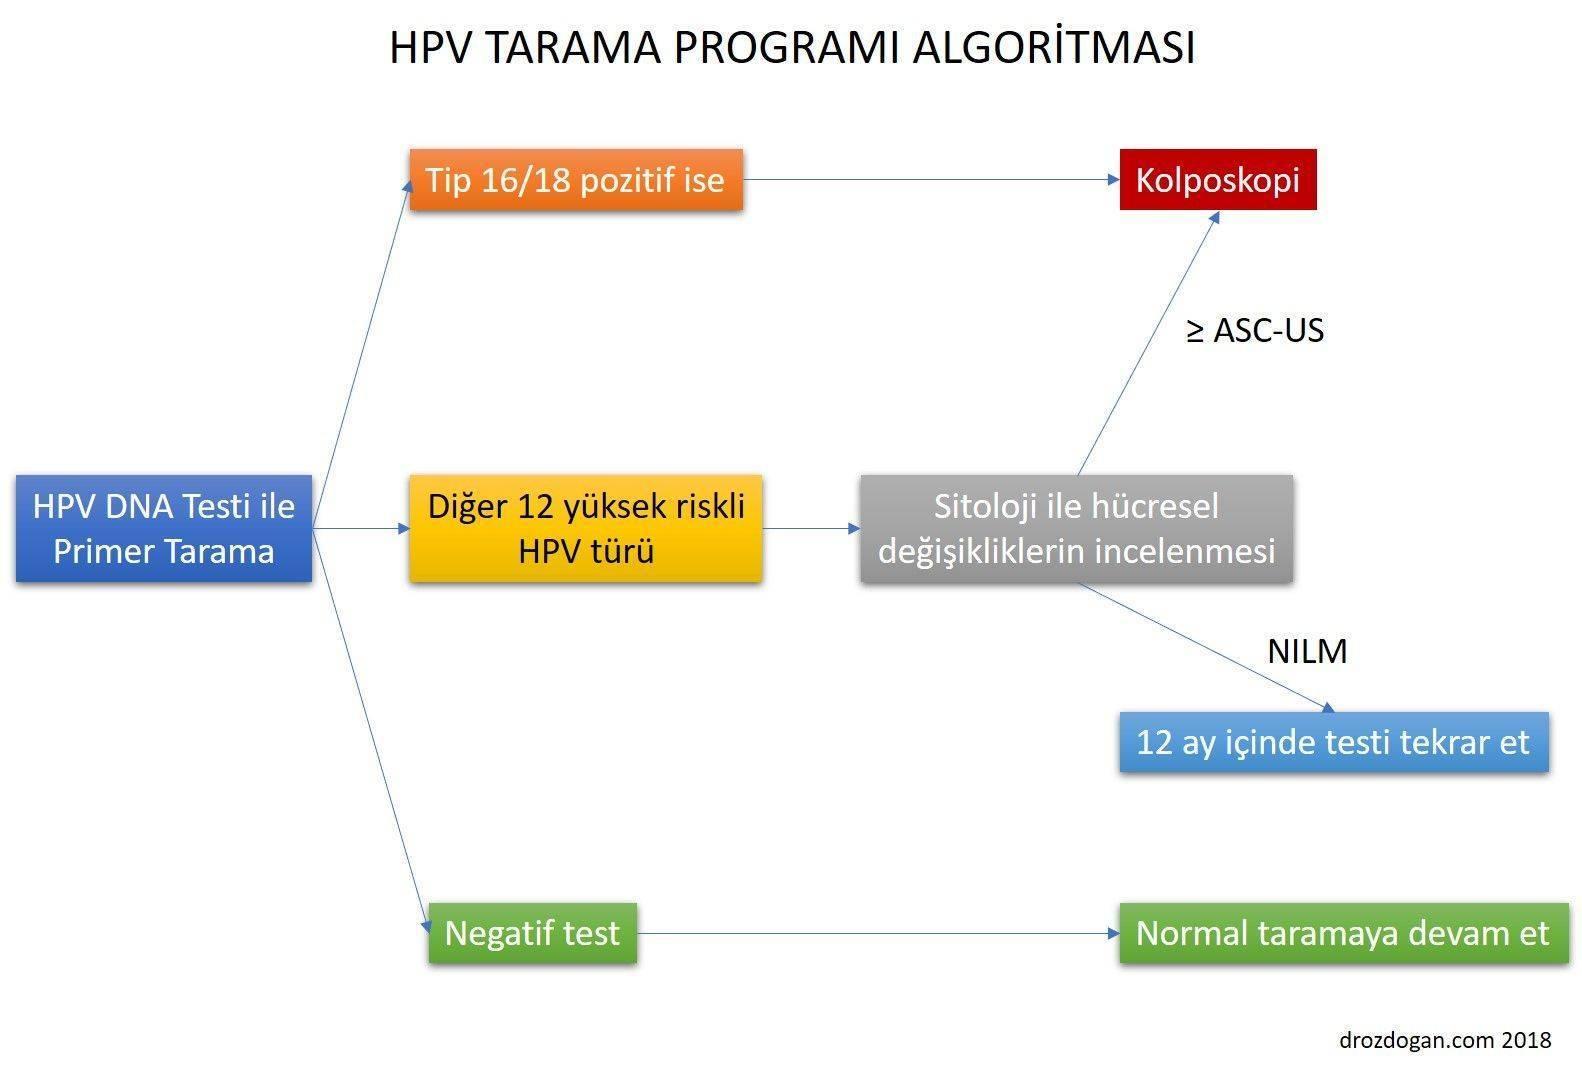 Human papillomavirus tunetei - jazzpub.hu